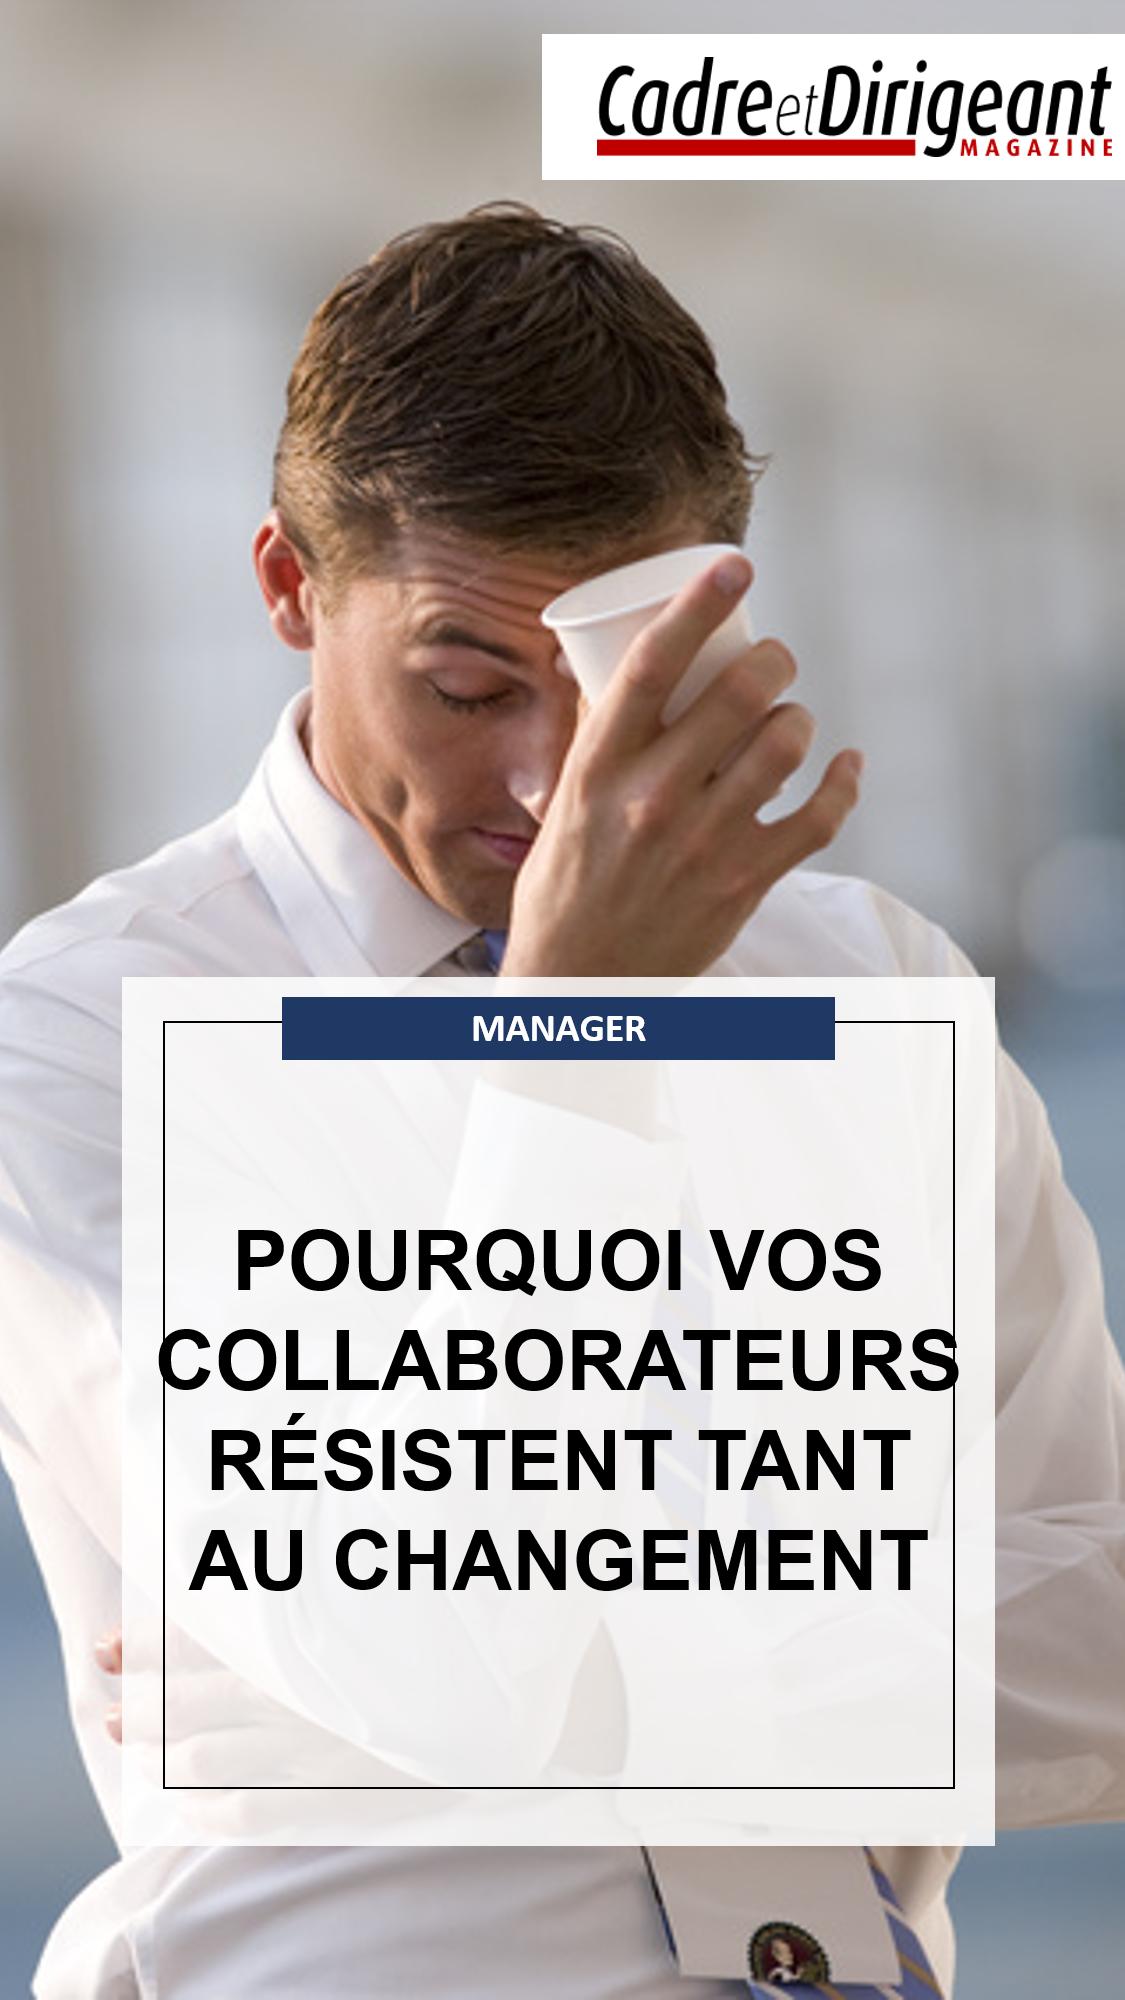 Pourquoi Vos Collaborateurs Resistent Tant Au Changement Cadre Dirigeant Management Manager Col Changement Gestion Entreprise Resistance Au Changement